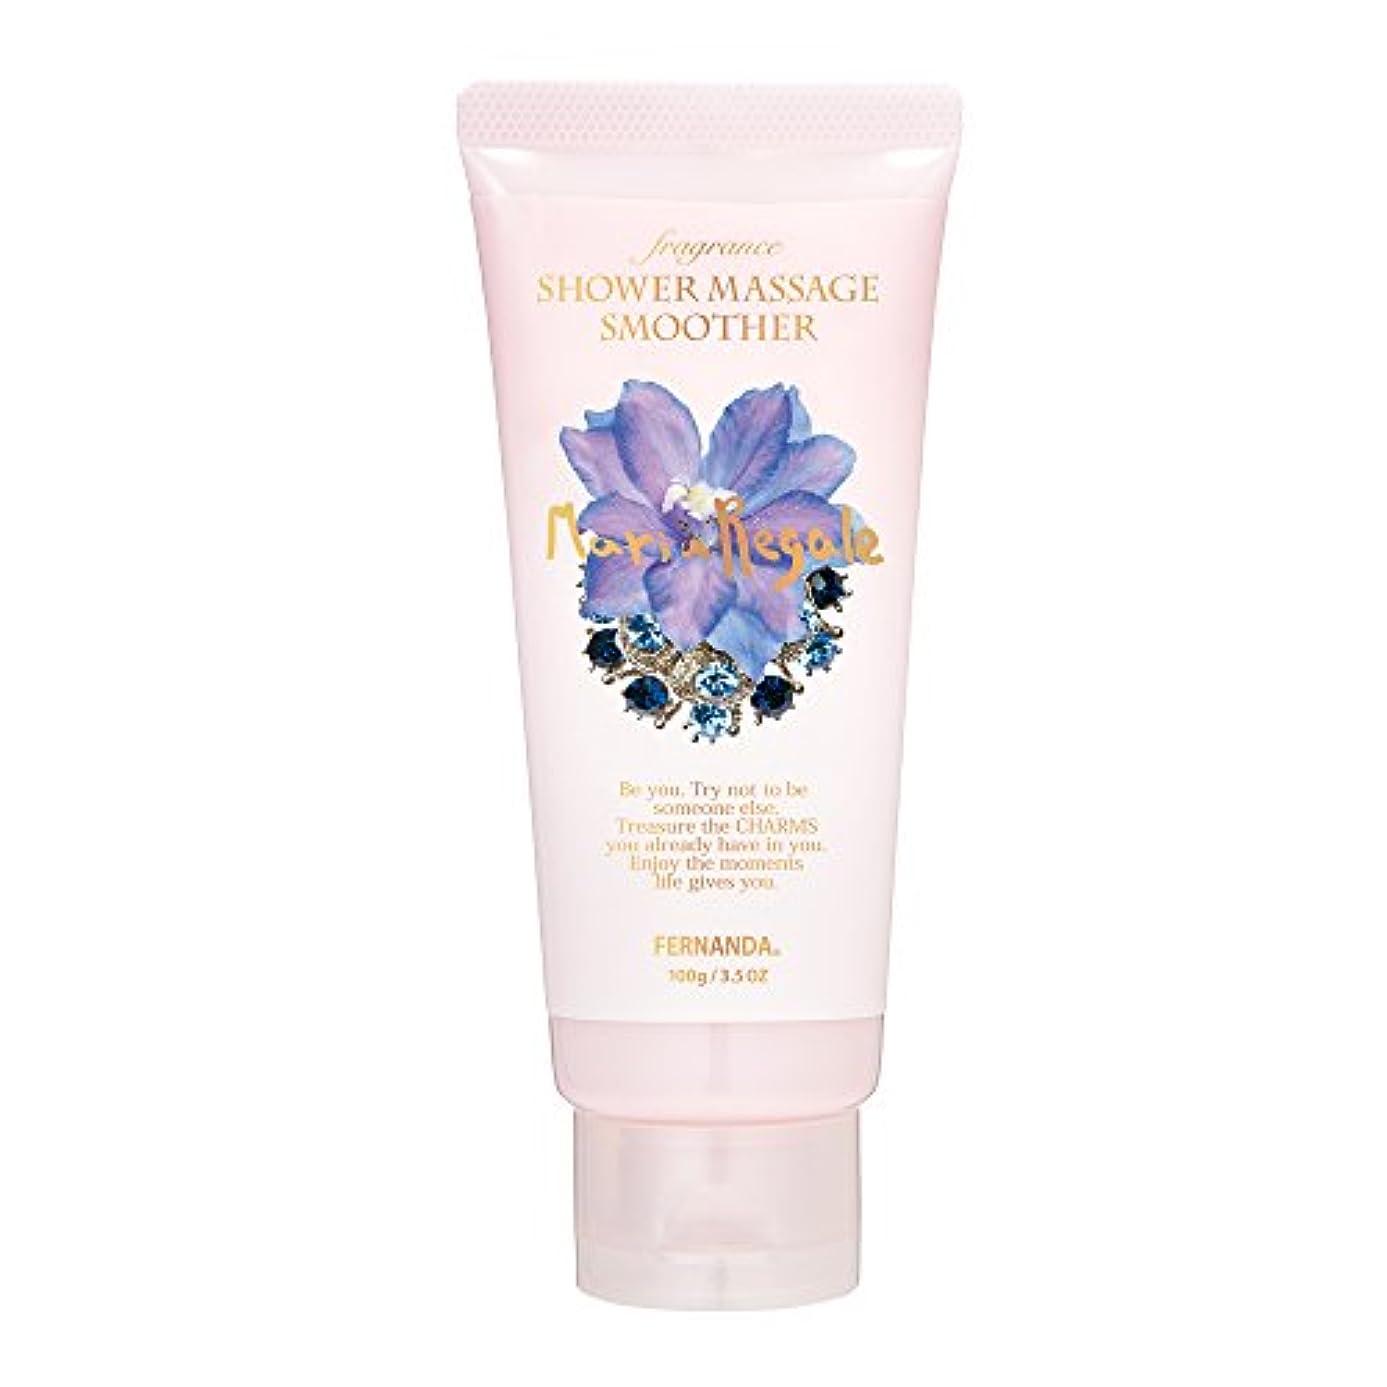 戦闘十分なマーティンルーサーキングジュニアFERNANDA(フェルナンダ) Fragrance Shower Massage Smoother Maria Regale (シャワーマッサージスムーサー マリアリゲル)